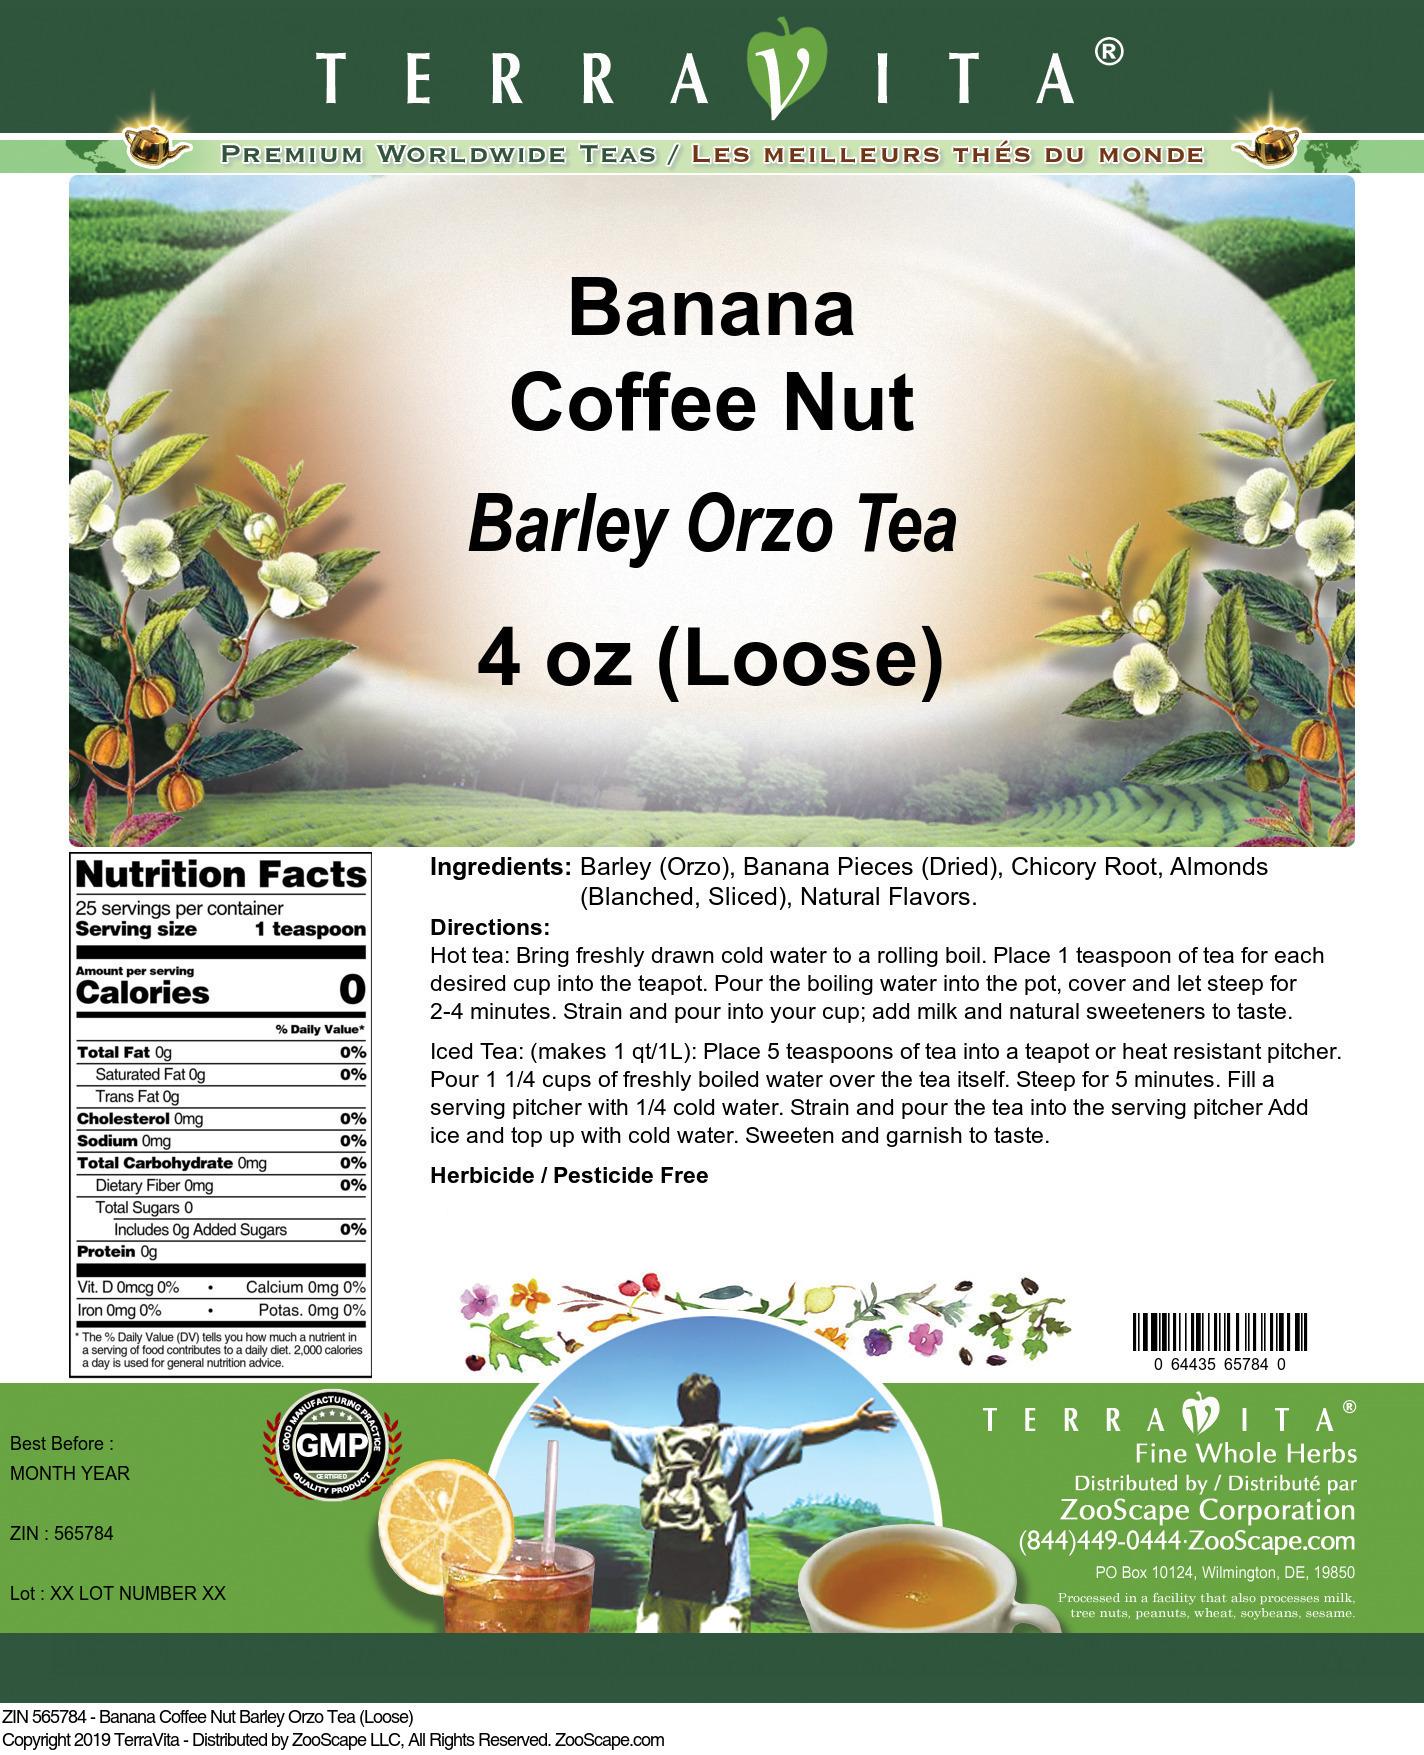 Banana Coffee Nut Barley Orzo Tea (Loose)